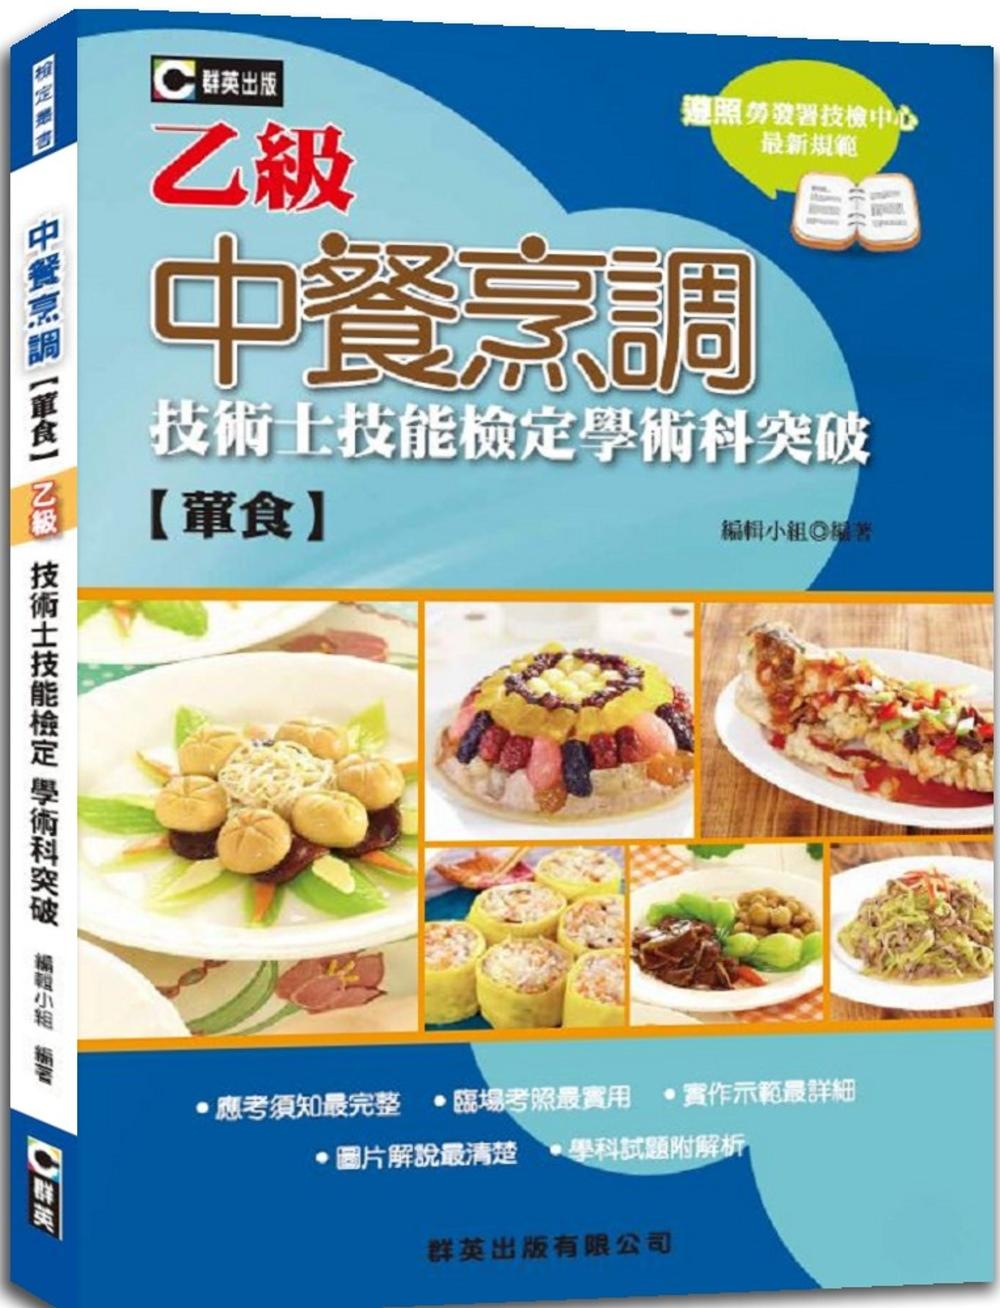 中餐烹調(葷食)乙級技術士技能...